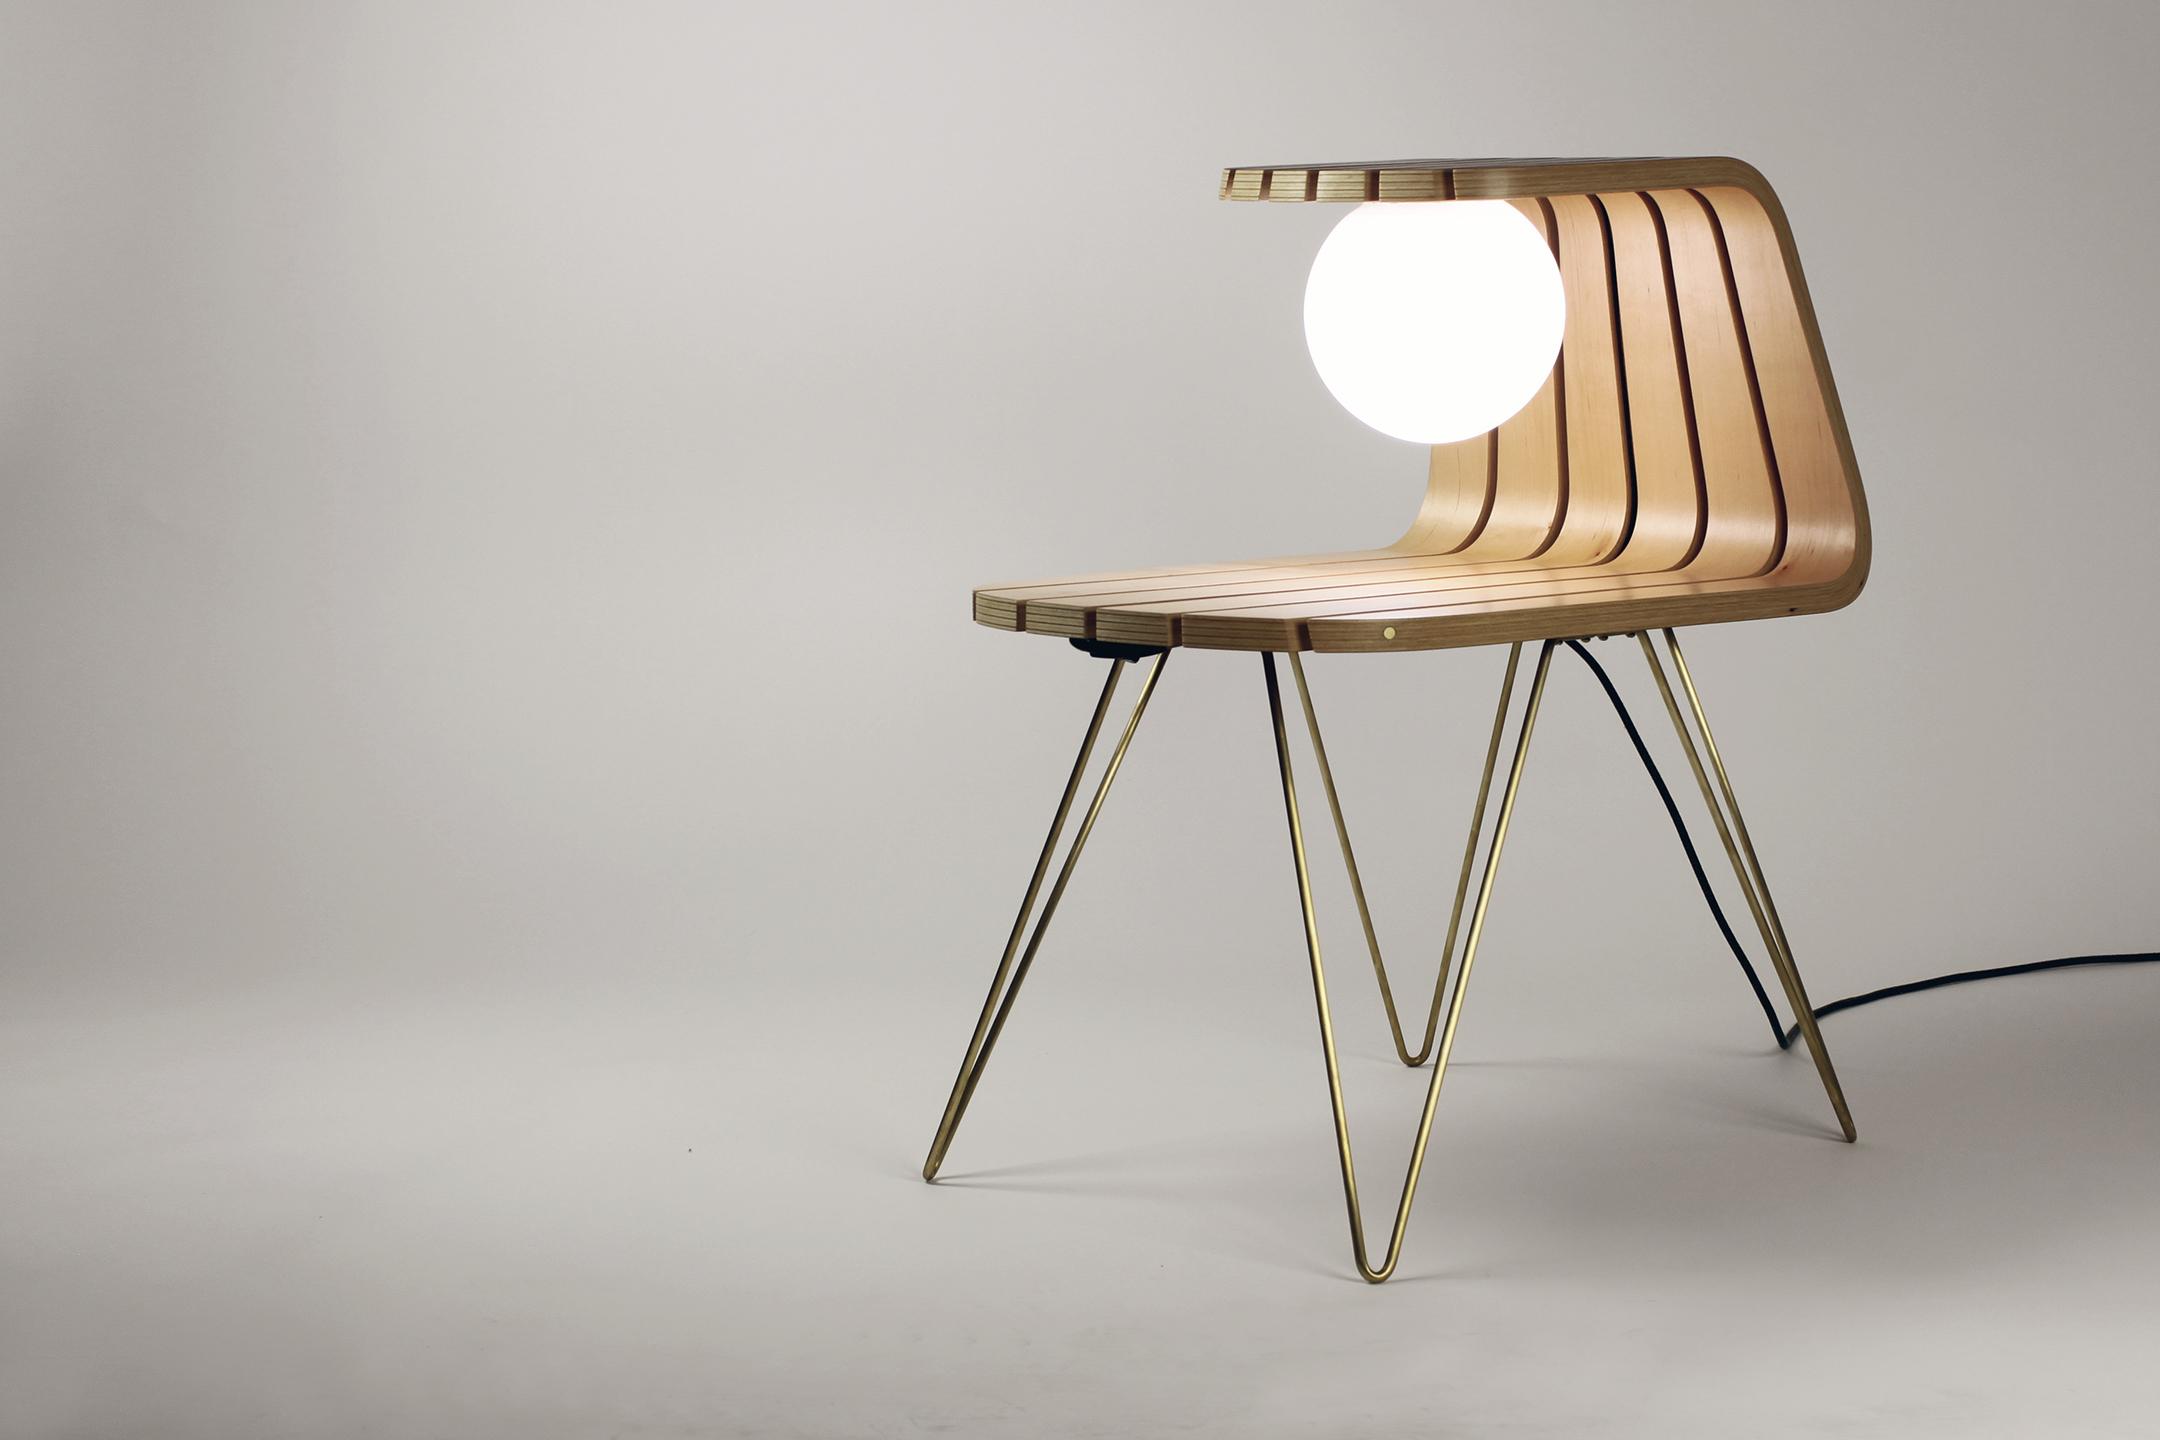 DAWN_table lamp 01_by Dane Saunders.jpg